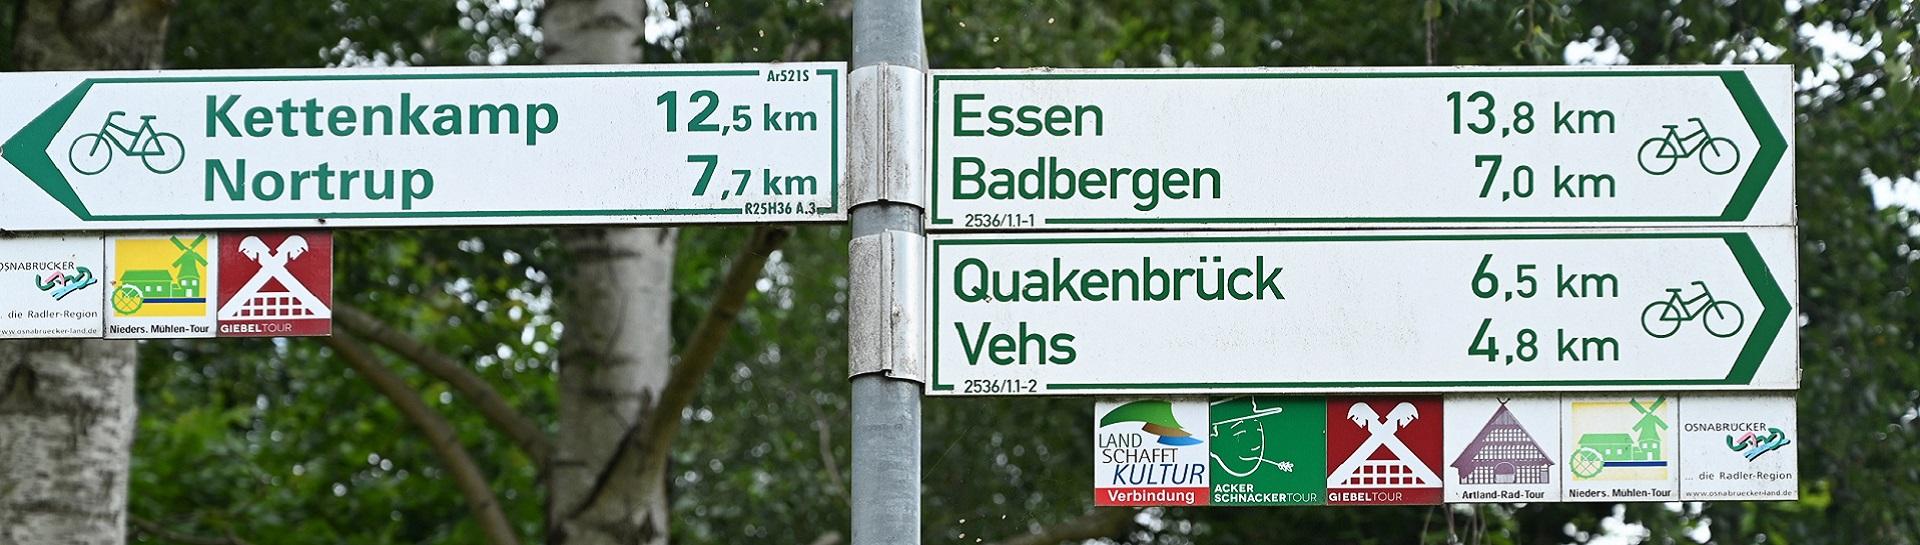 Banner Schilder Radrouten